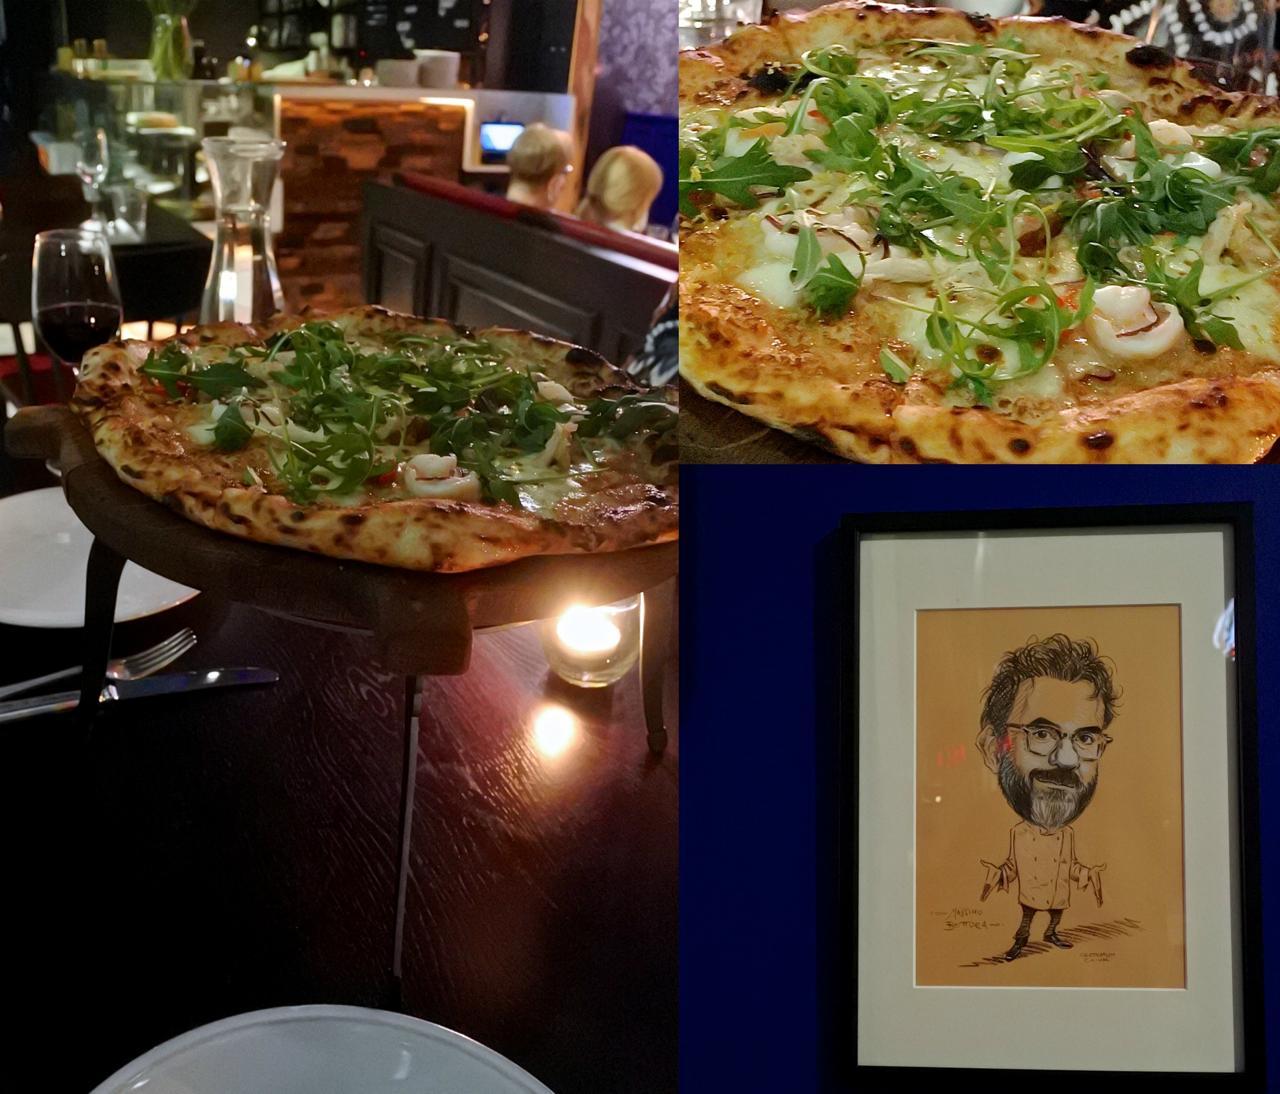 ちょっと塩辛かったけど平らげてしまったゲスト・ピザ。右下はポールさんではないと思うのですが、毎月のゲスト・シェフの顔を、こうやってイラスト化していくコンセプトみたい。やるなぁ。